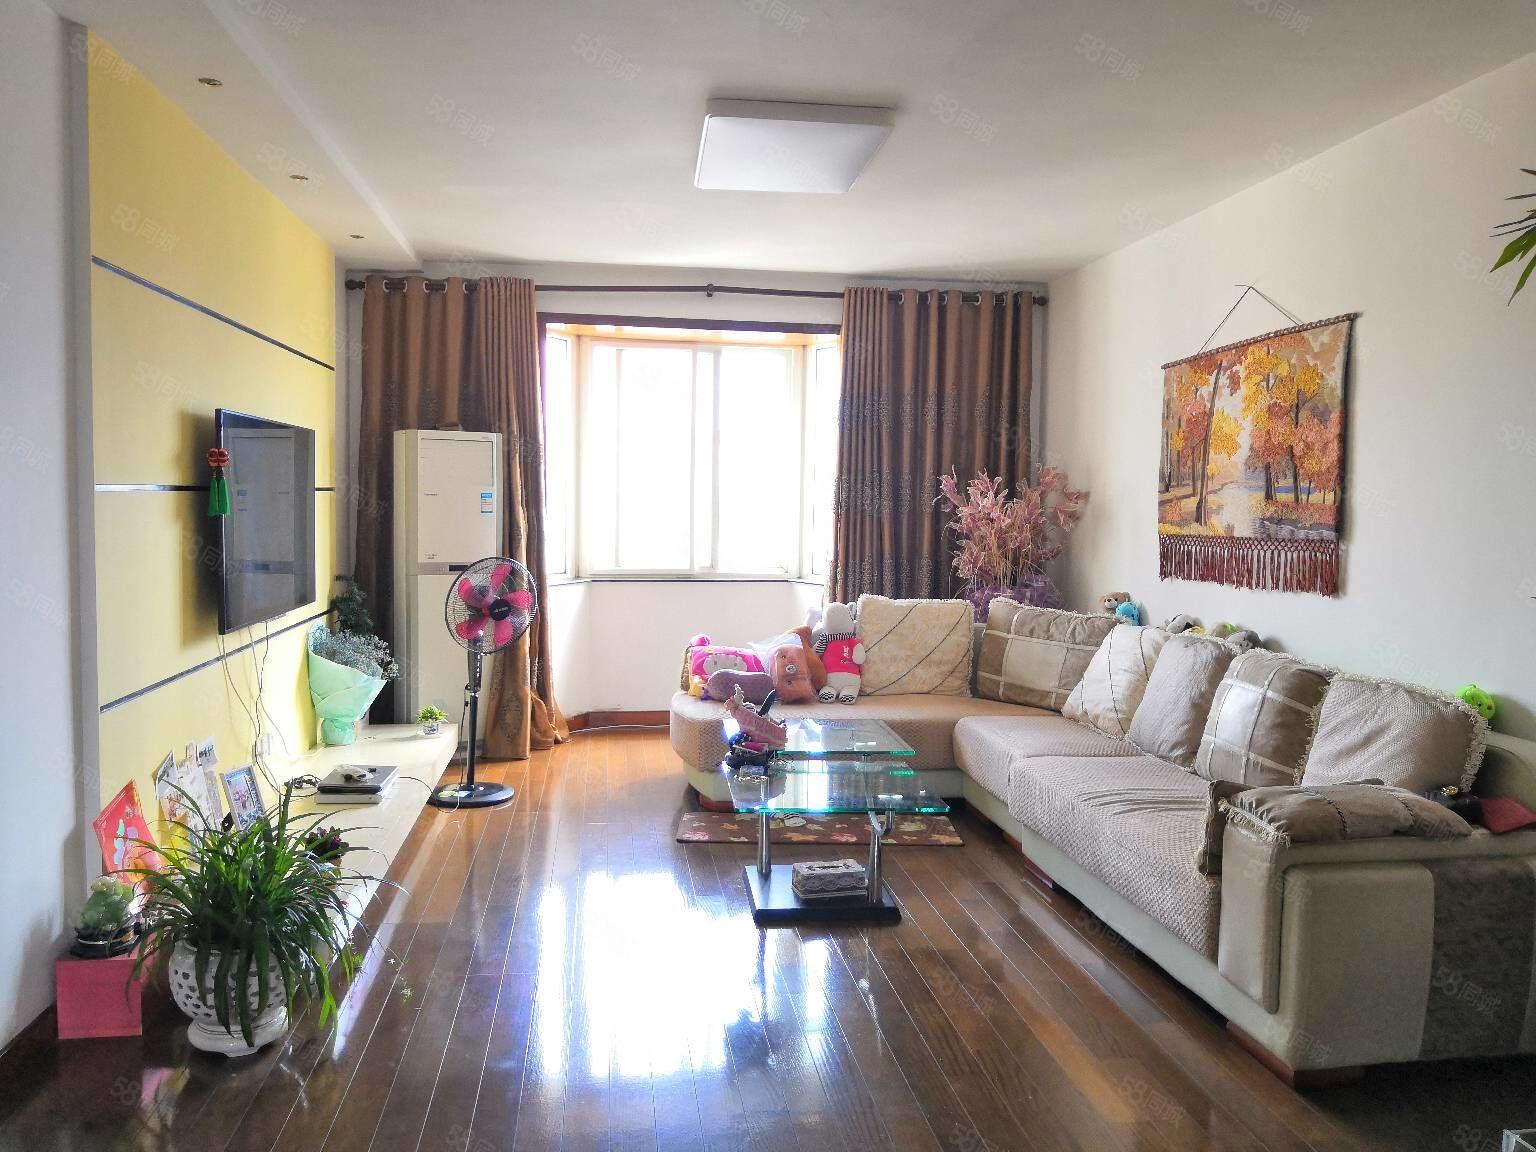 安厦花园精装3室2厅阳光好通透居住环境优美交通便利